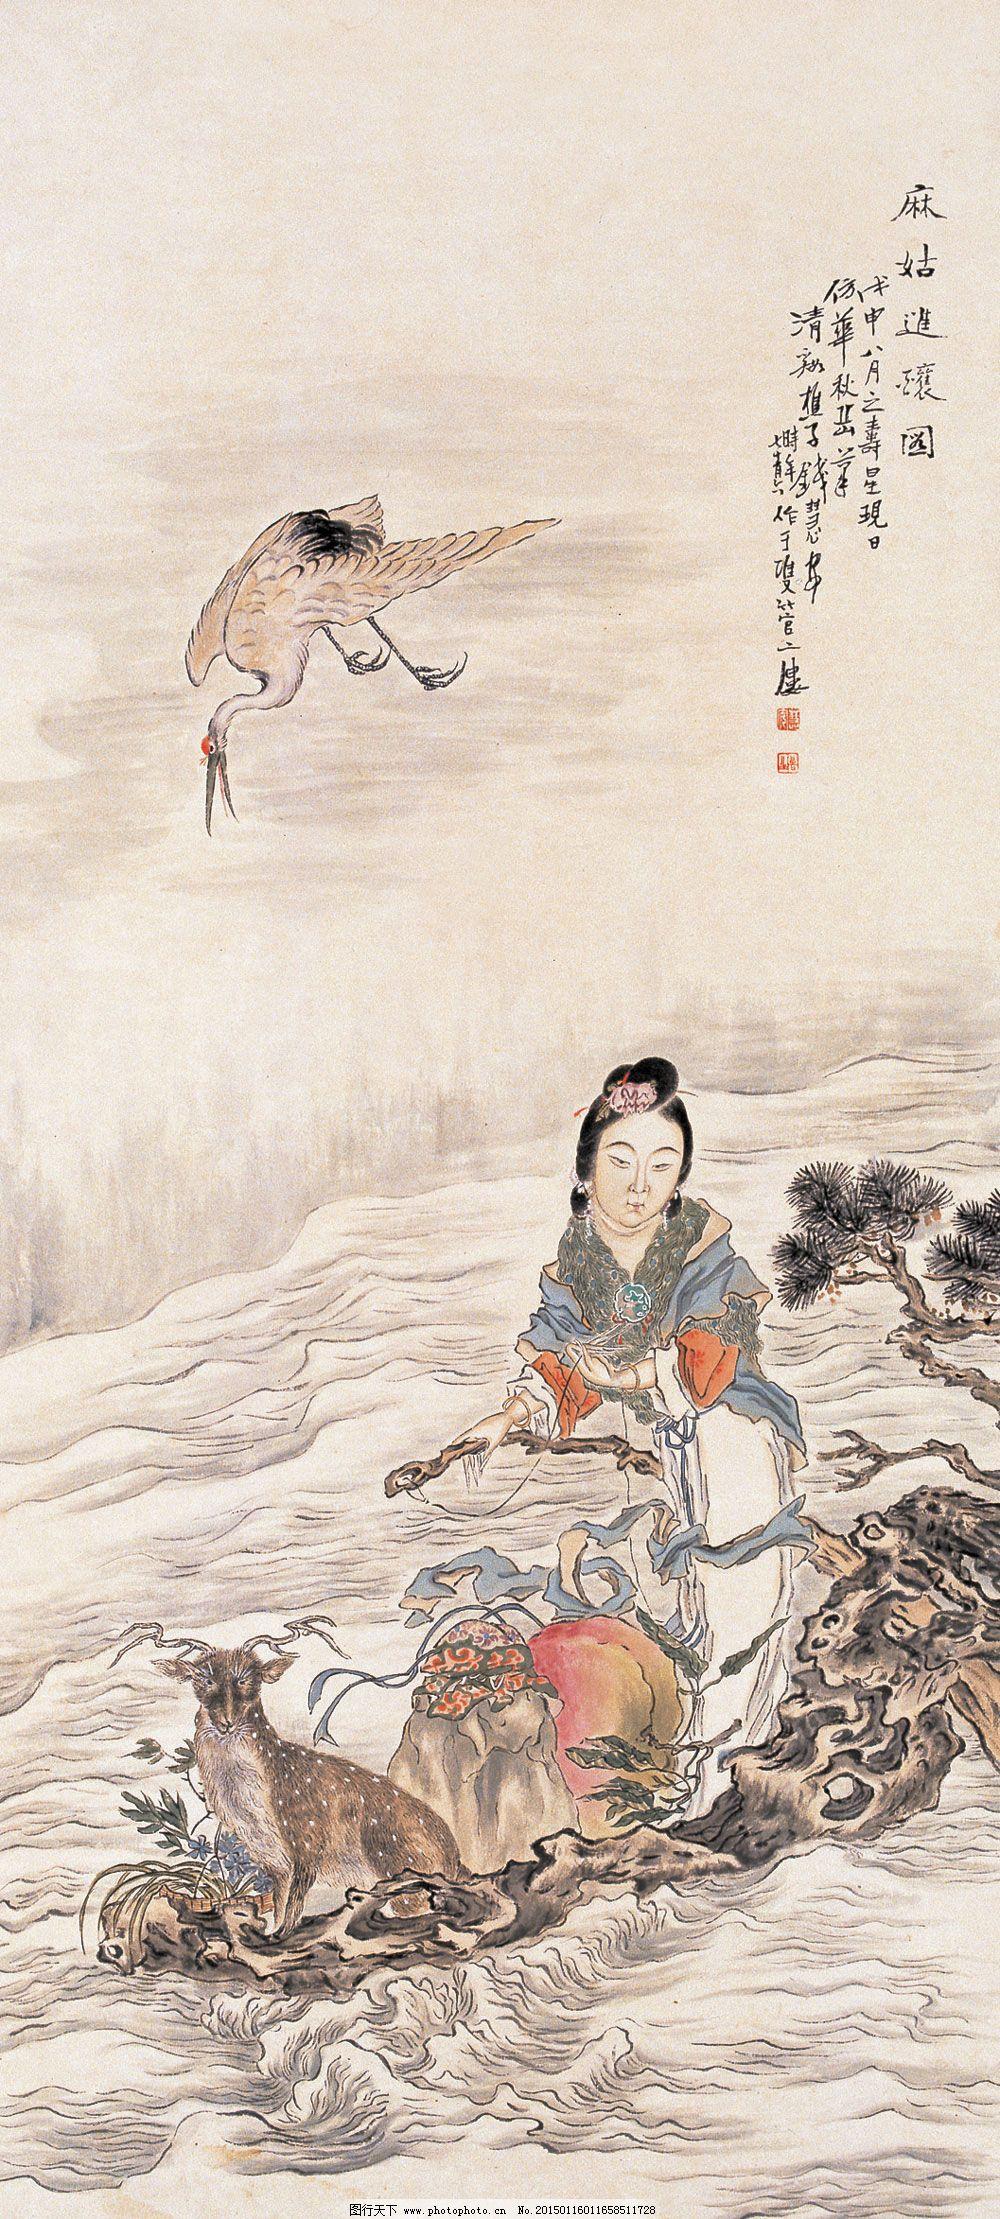 刺绣 工笔人物画 仙鹤 驯鹿 中国画 祝寿 中国画 立轴 工笔人物画